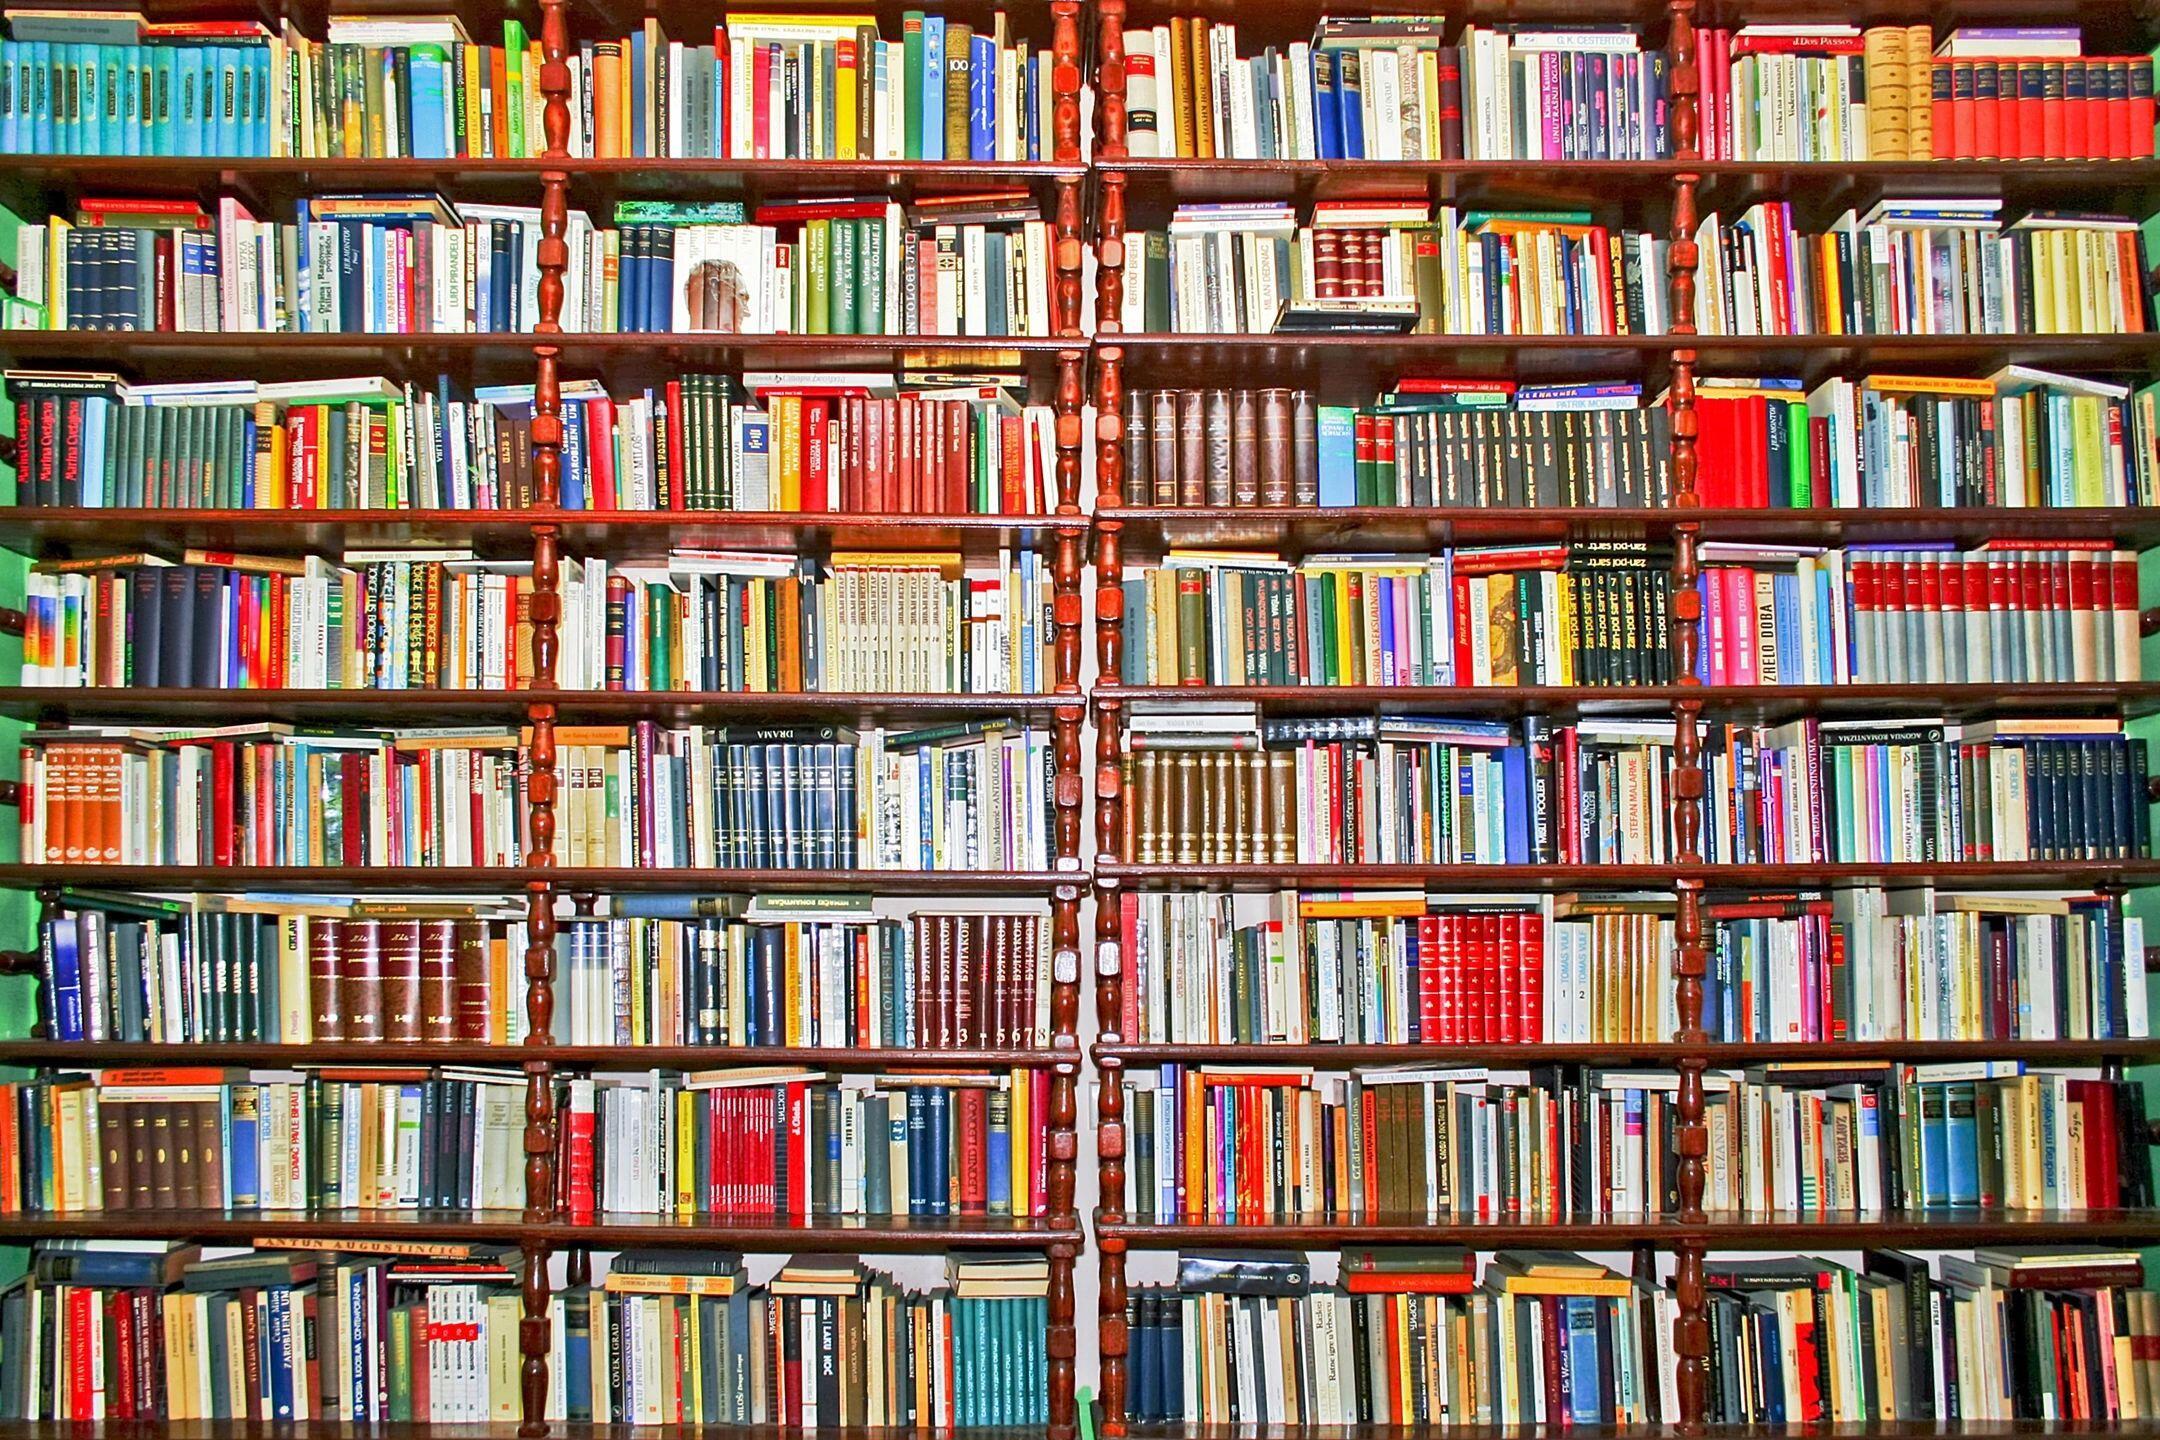 Organized-Bookcase-Organized-Books